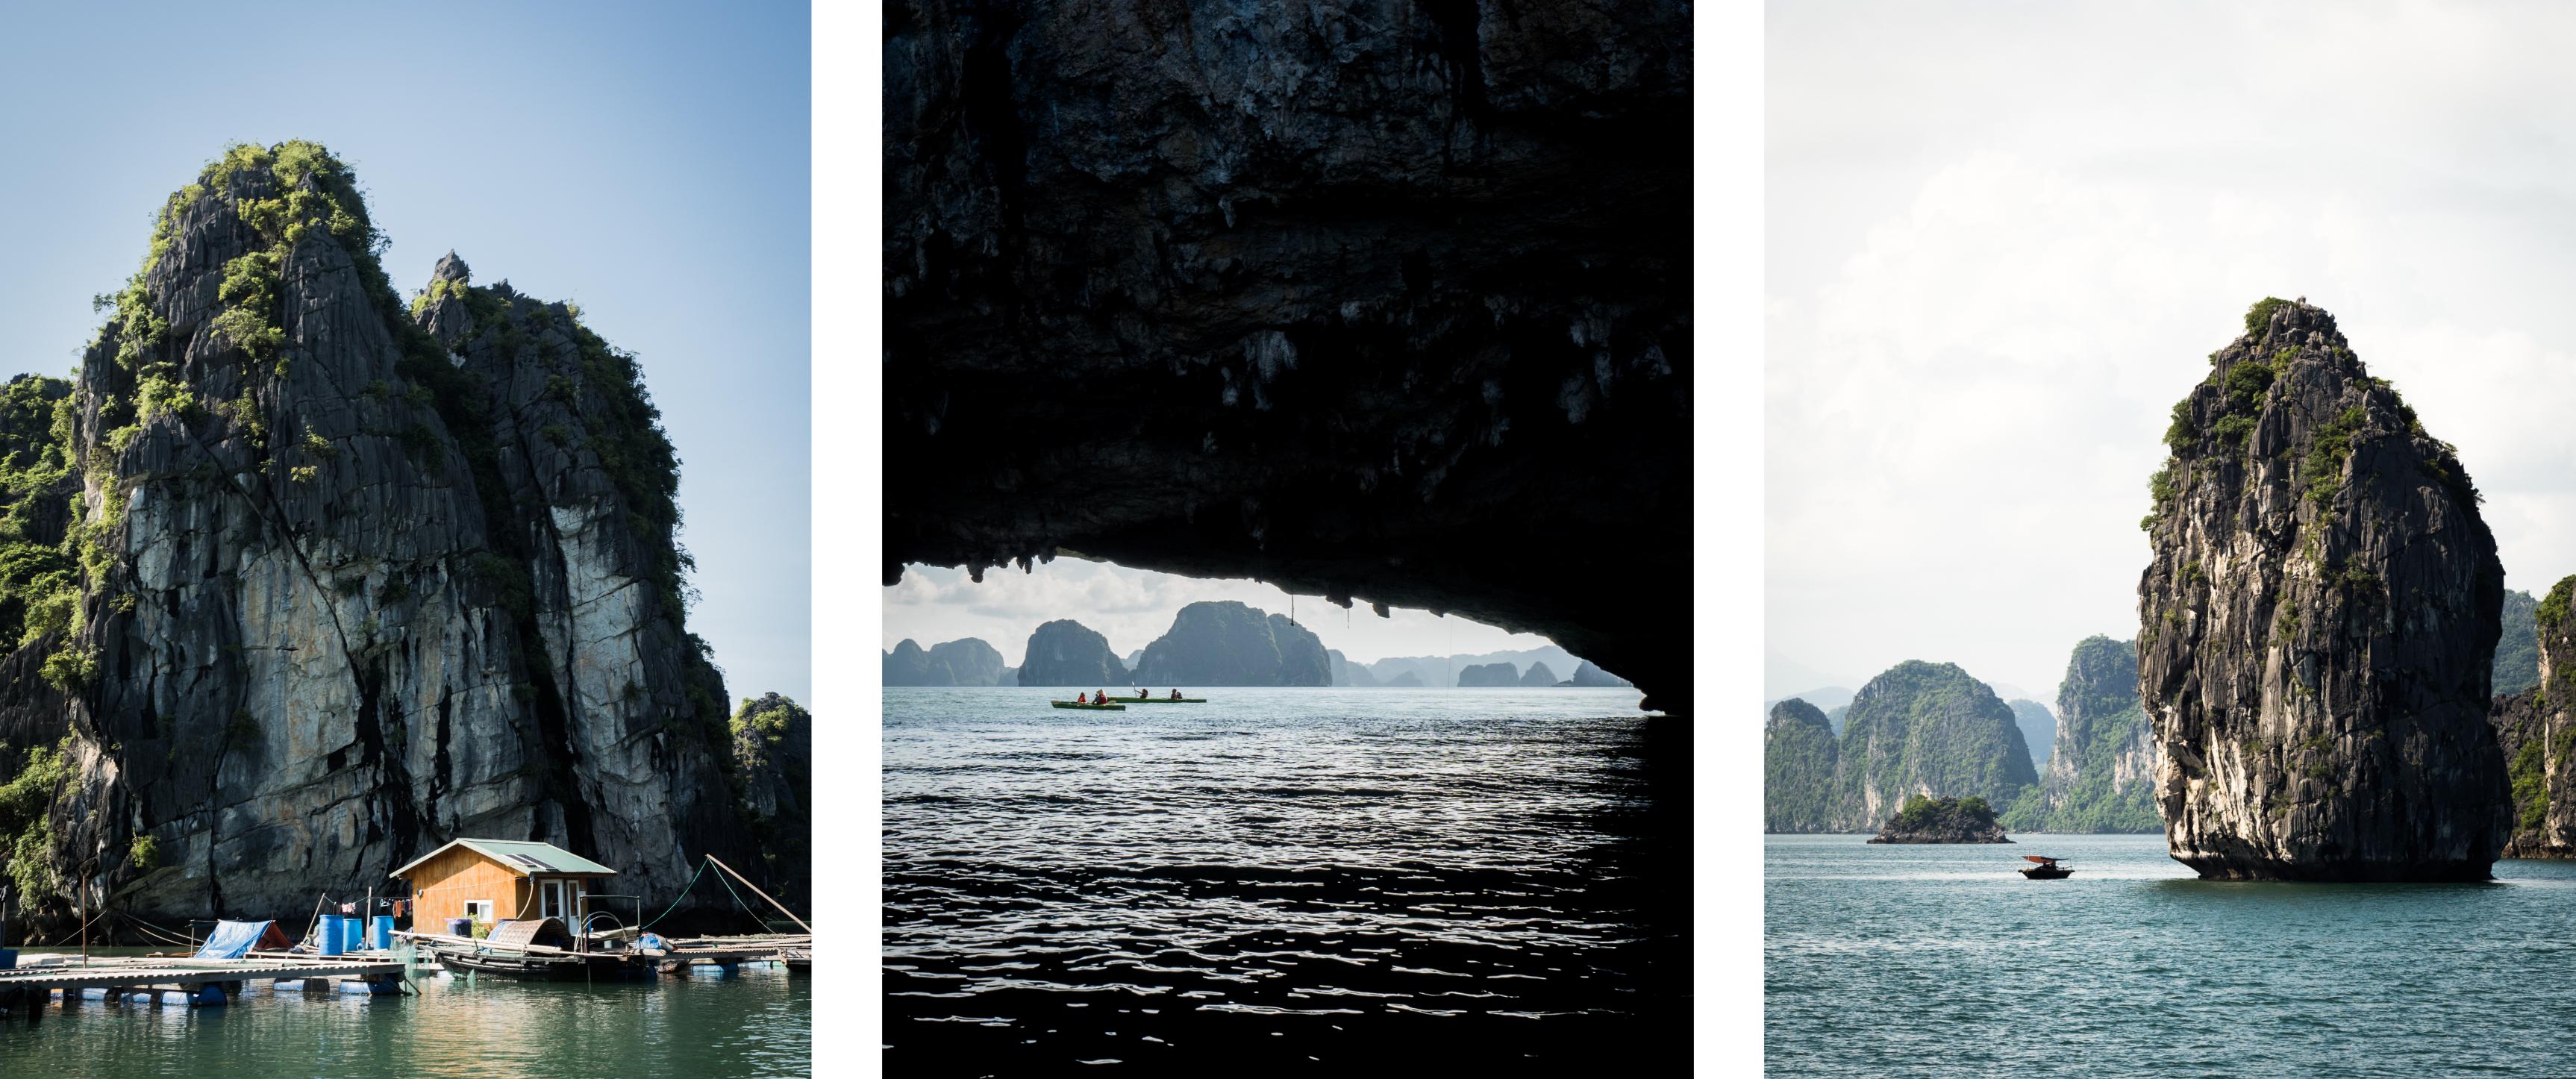 vietnam - bai tu long bay - baie d'halong